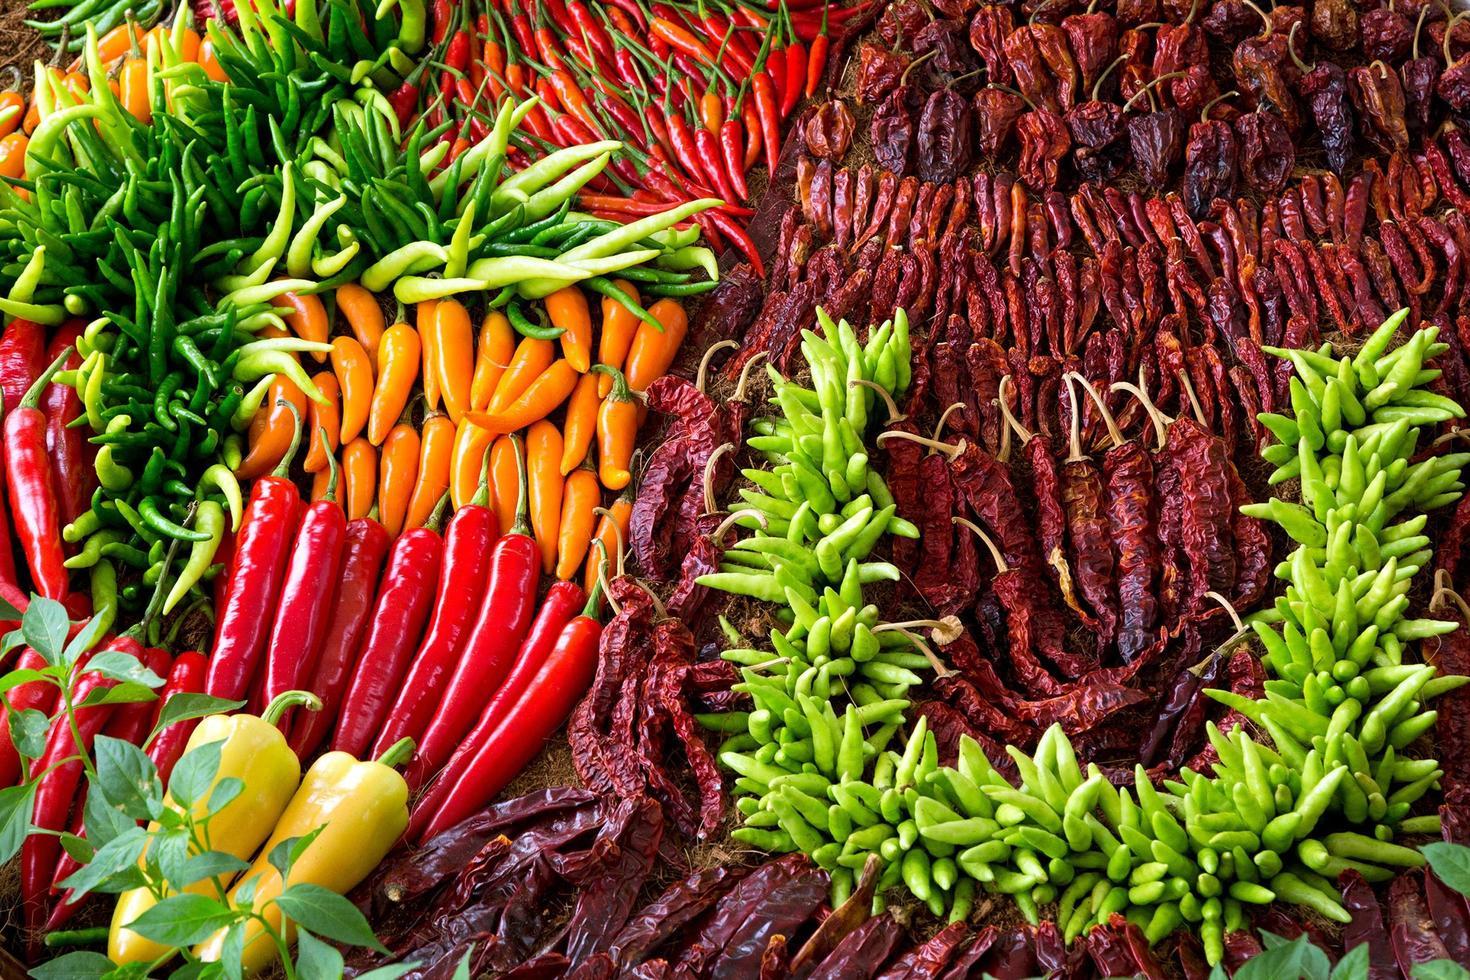 färgglada mönster av paprika för matlagning. foto